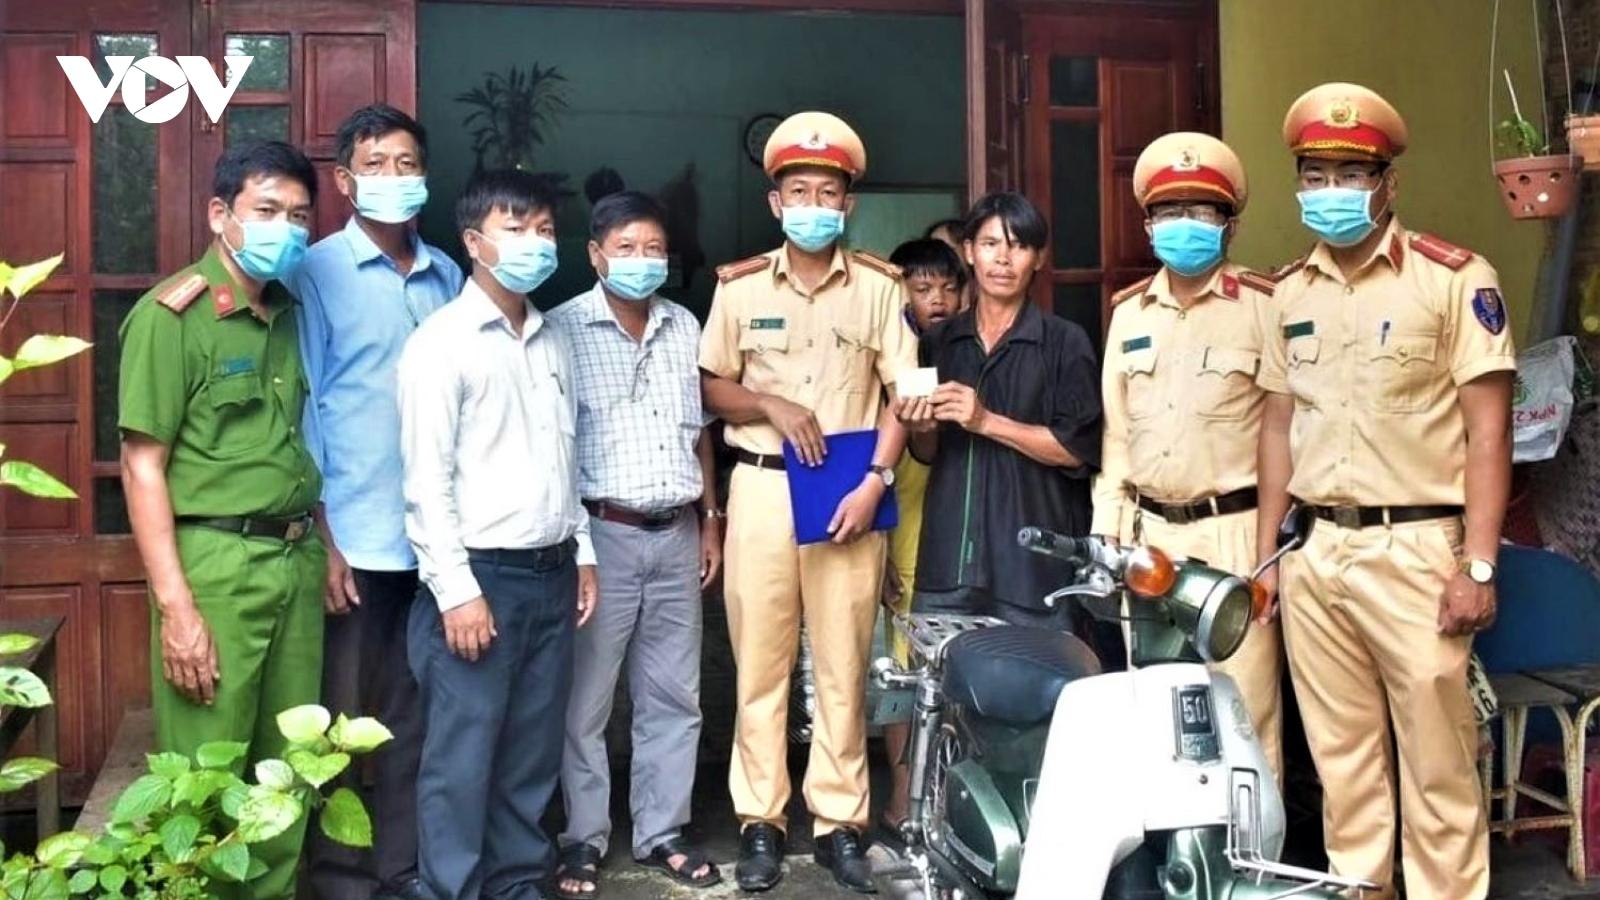 Chiến sĩ Cảnh sát giao thông góp tiền, mua xe tặng người vi phạm